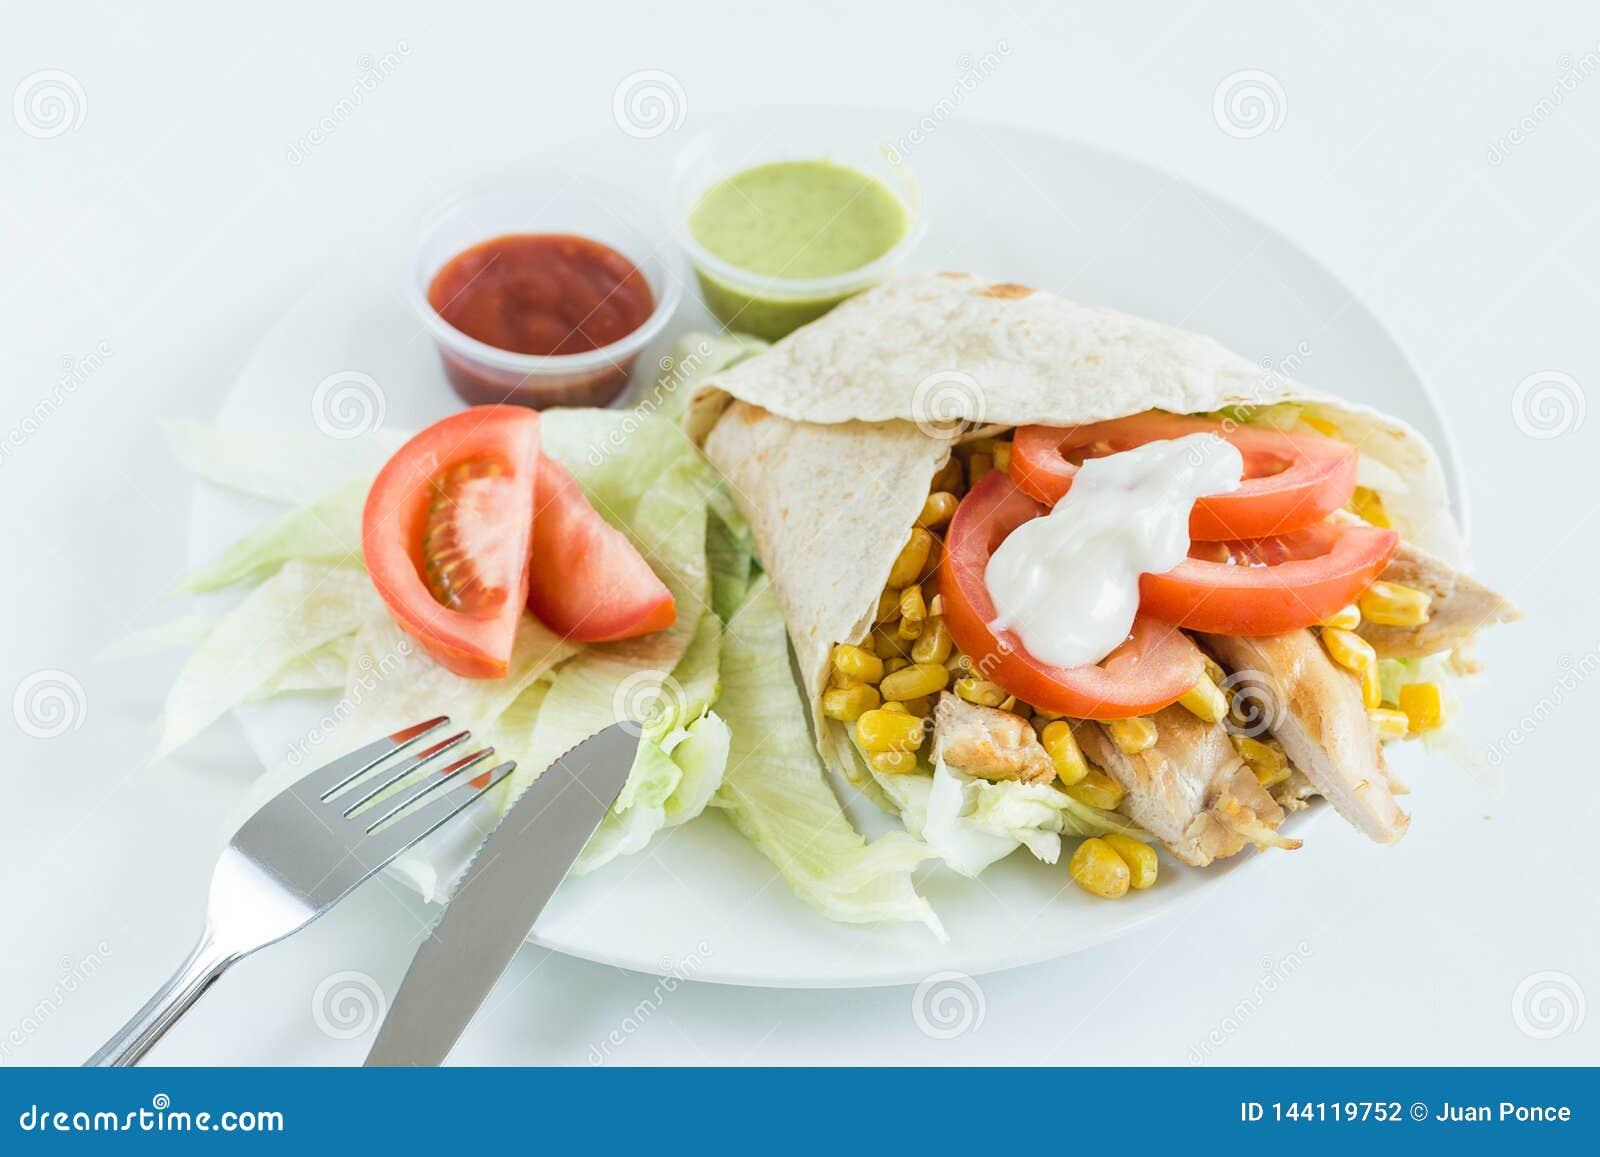 Burritosjal med tomaten, havre, grönsallat, höna, majonnäs och såser med vit bakgrund